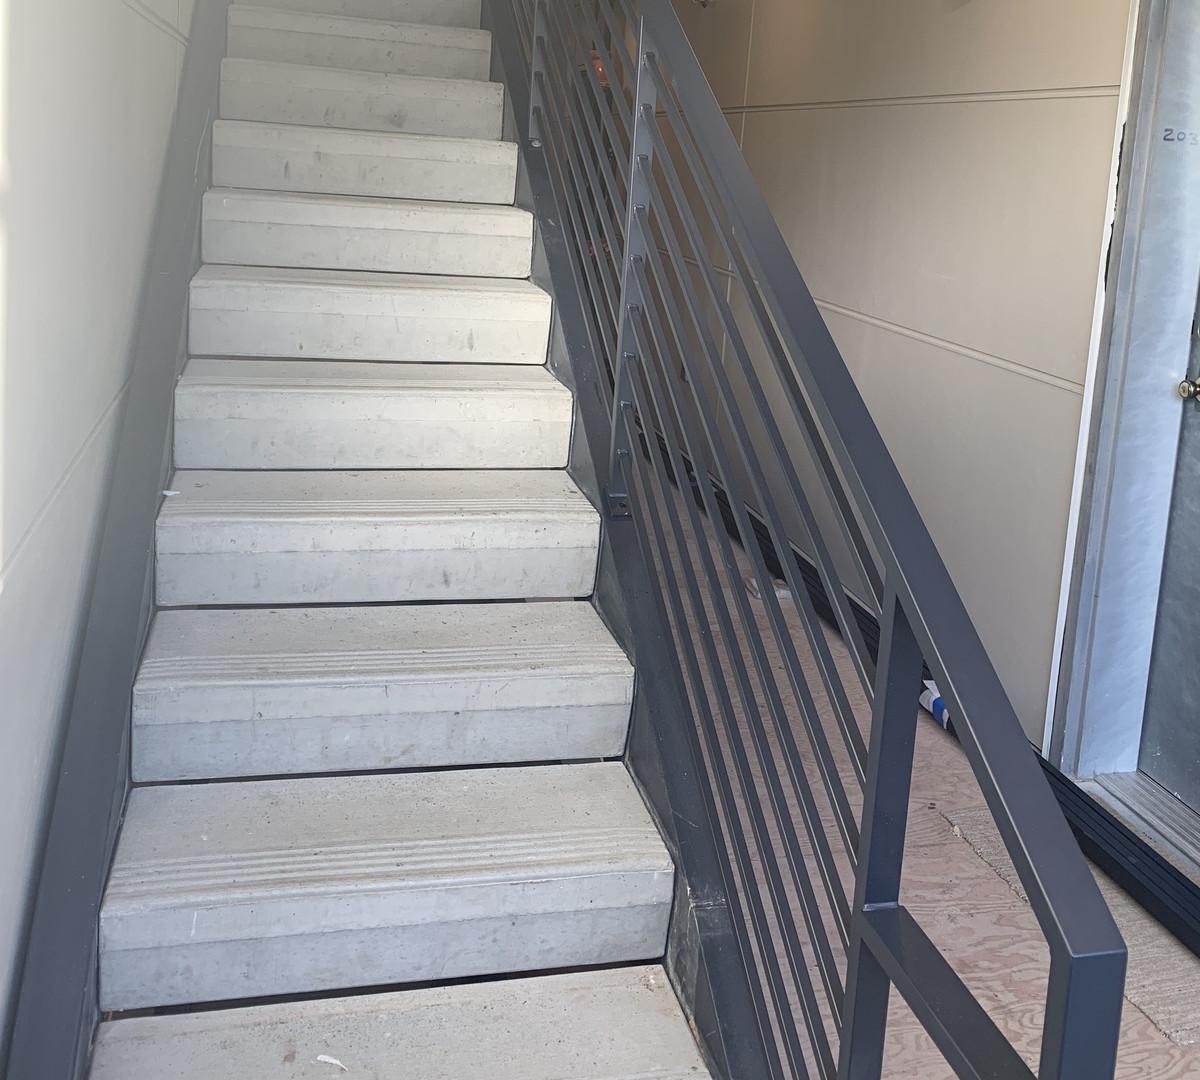 rudd-eastlake-stairs-02.jpg